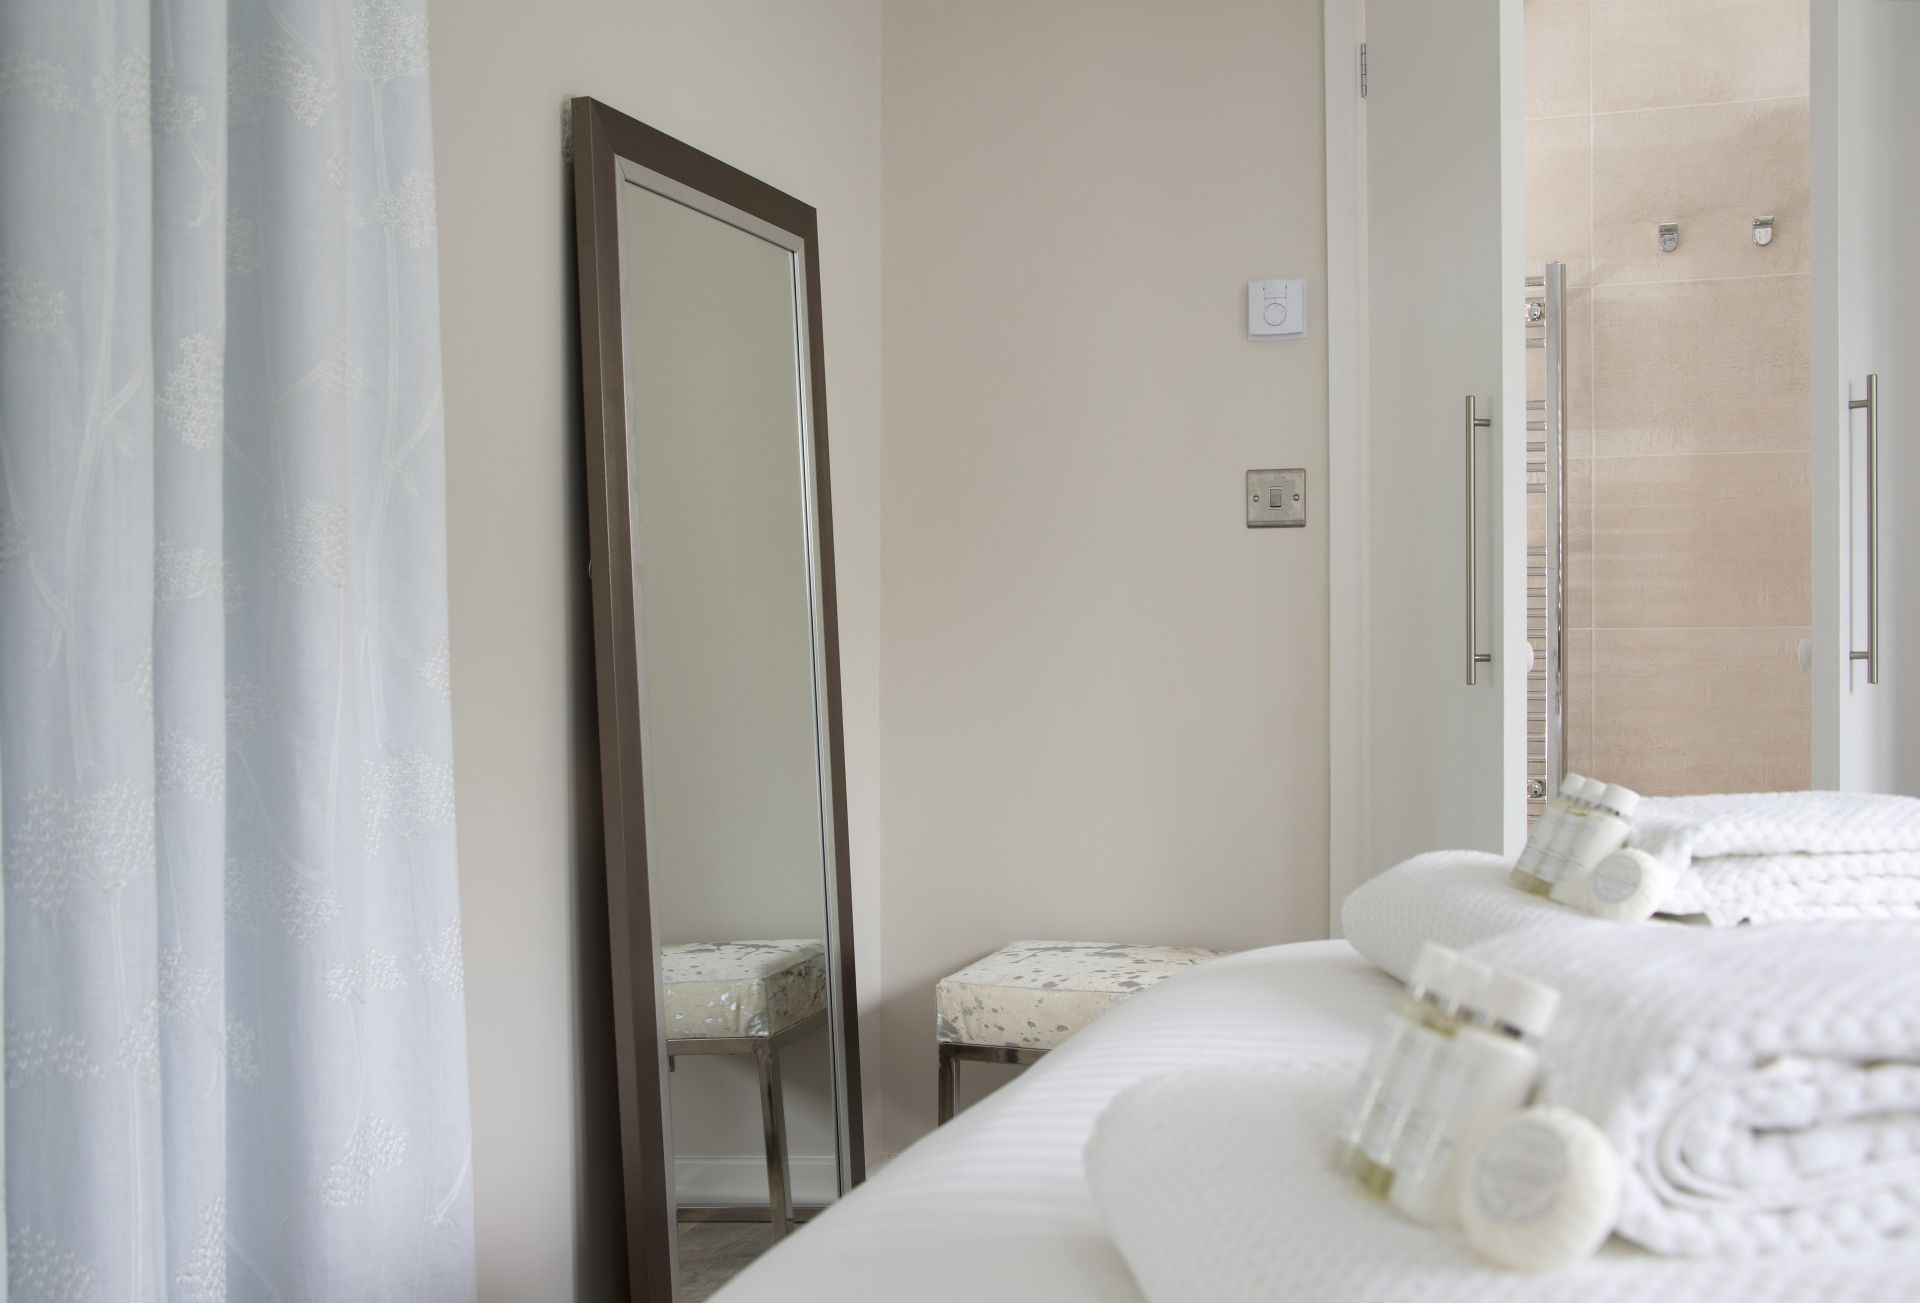 Ground floor: The bedroom has an en-suite shower/wet room